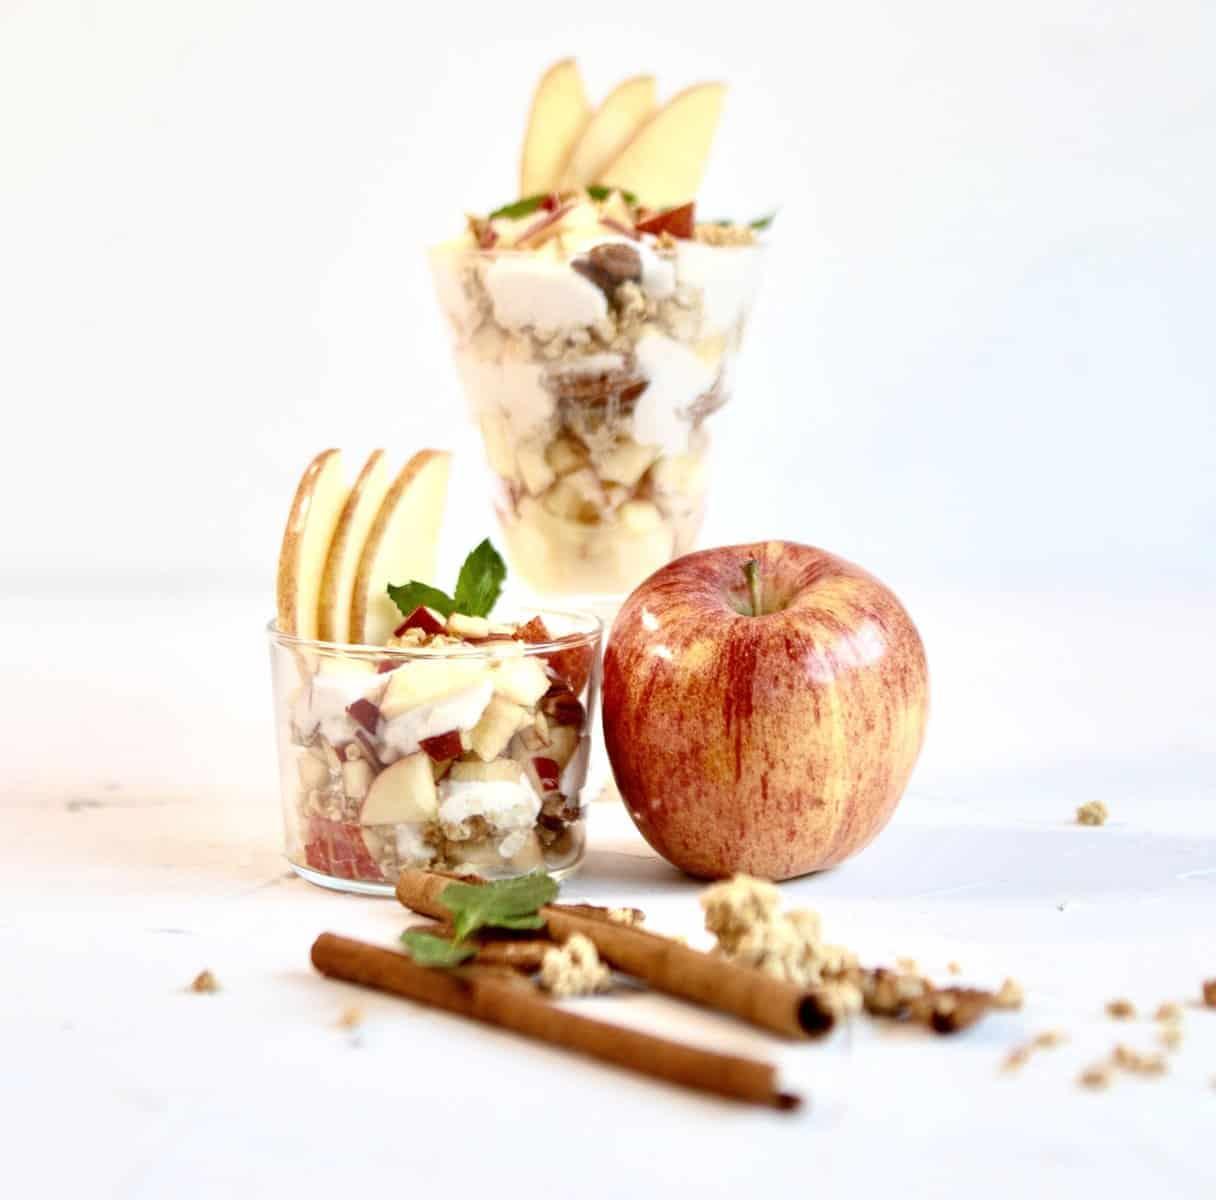 Gala Apple Cinnamon Yogurt Parfait